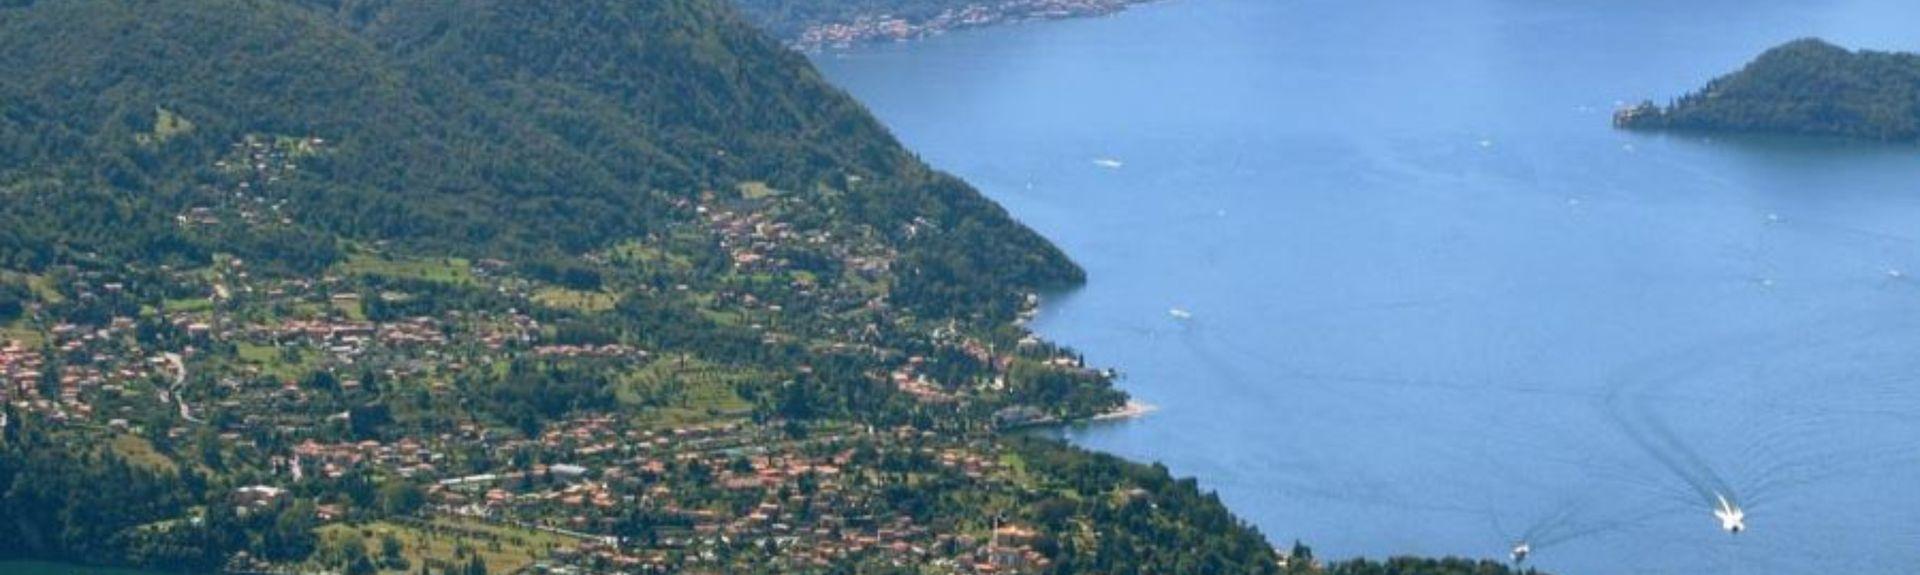 Moltrasio, Lombardije, Italië